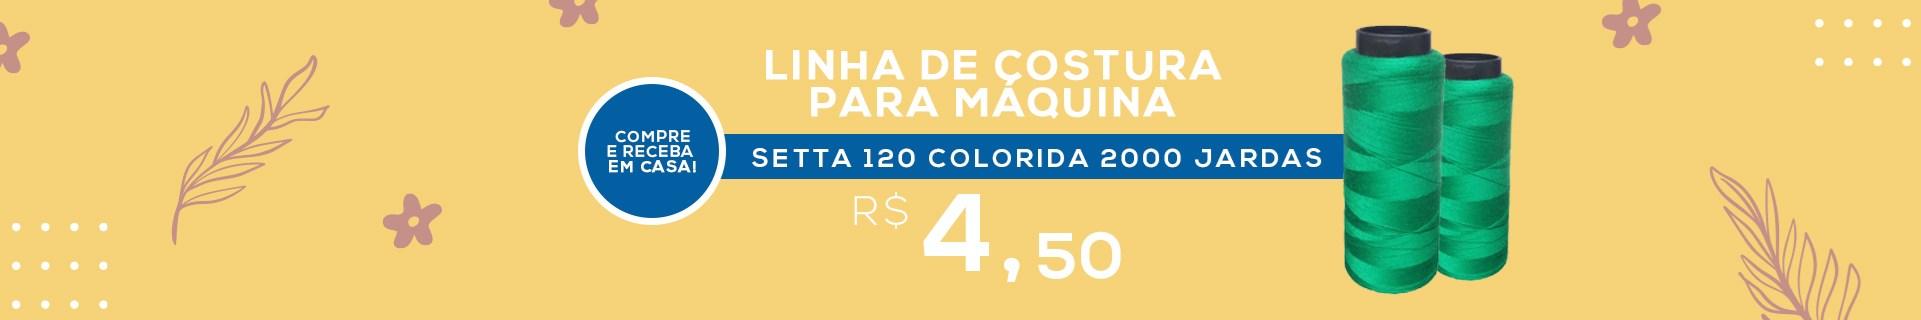 LINHA DE COSTURA PARA MÁQUINA SETTA 120 COLORIDA COM 2000 JARDAS